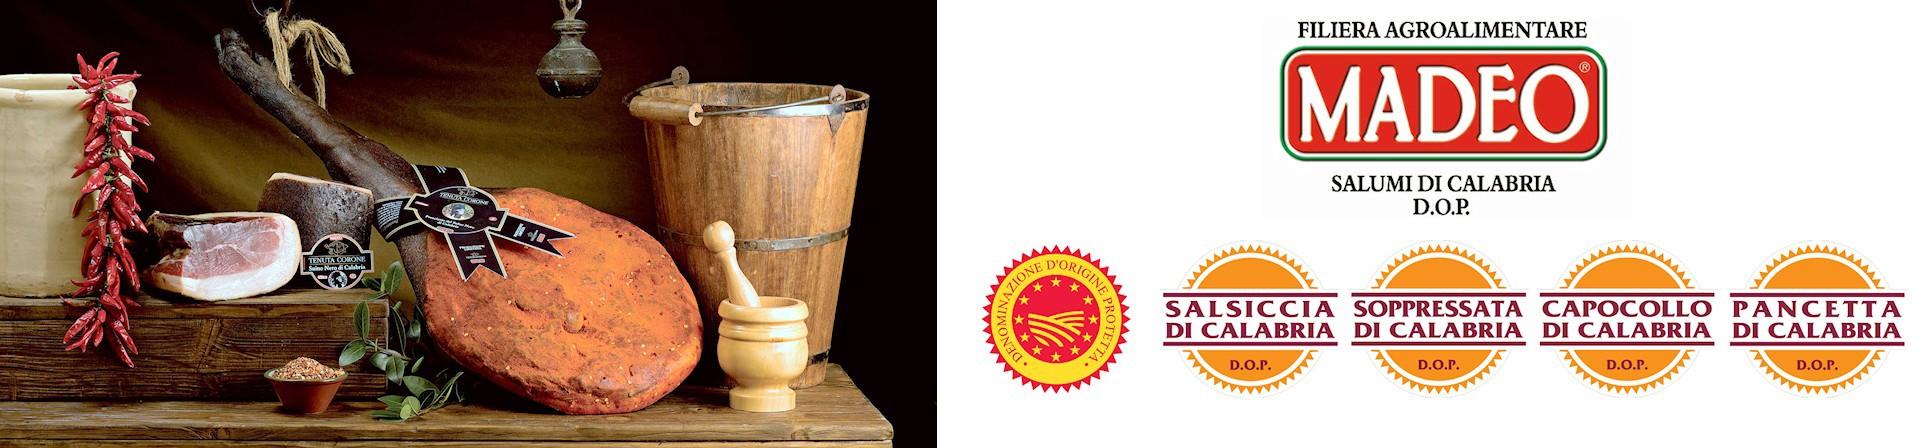 B2B GUSTOX - il Marketplace all'ingrosso delle eccellenze agroalimetari italiane - Tenuta Corone - MADEO